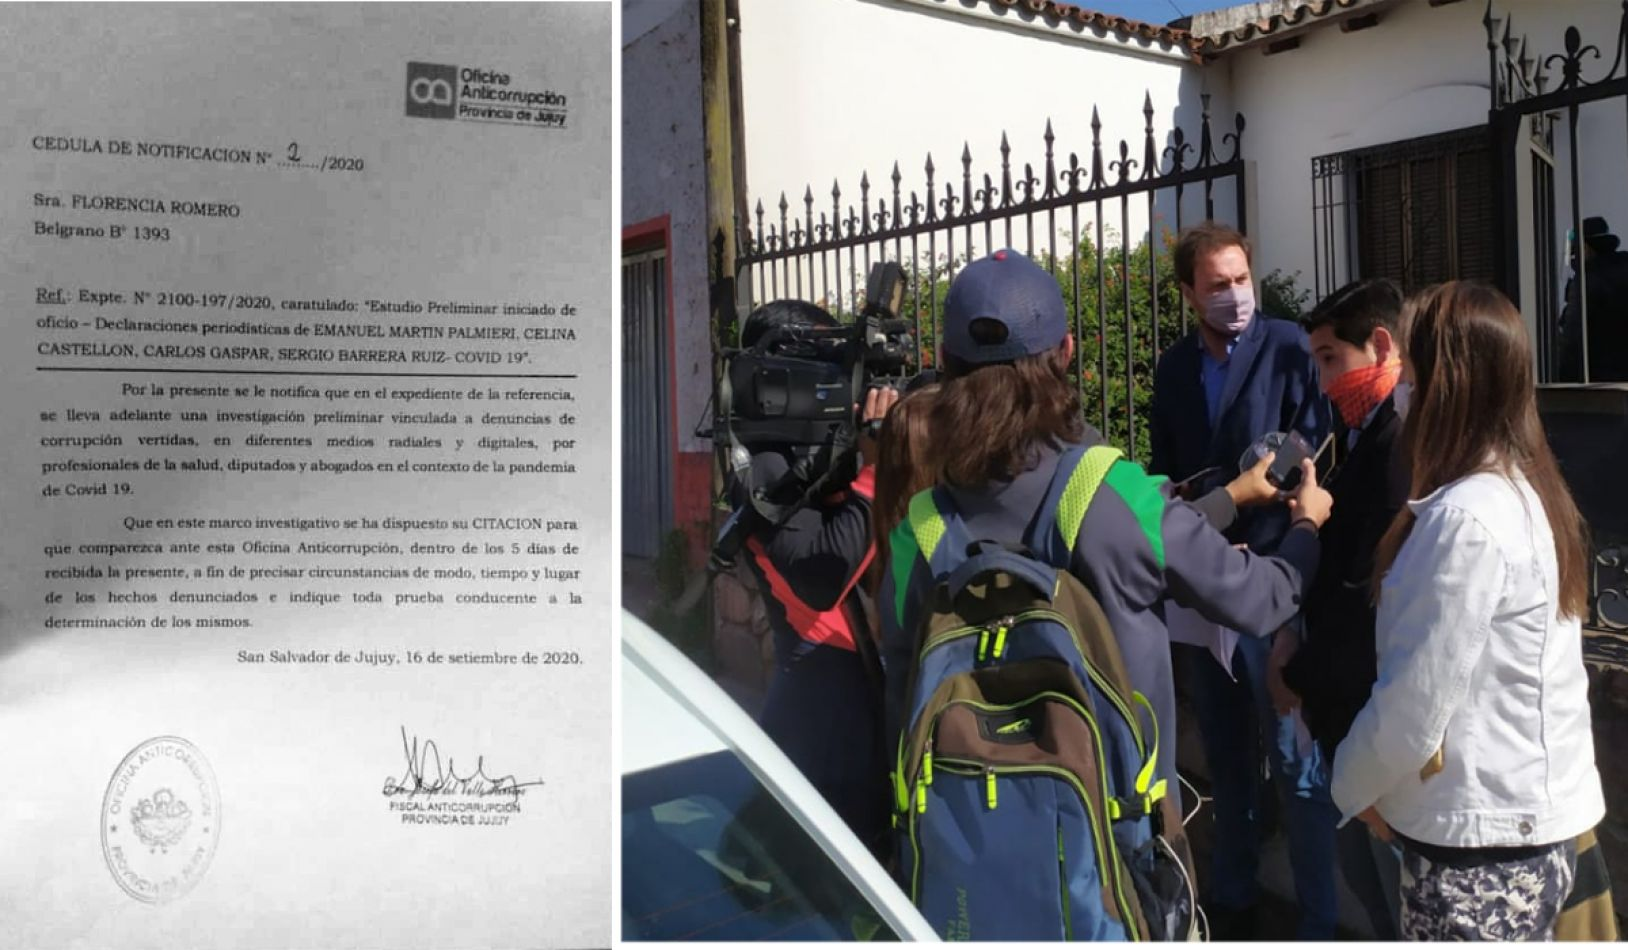 Foto: el diputado Palmieri en la Oficina Anticorrupción